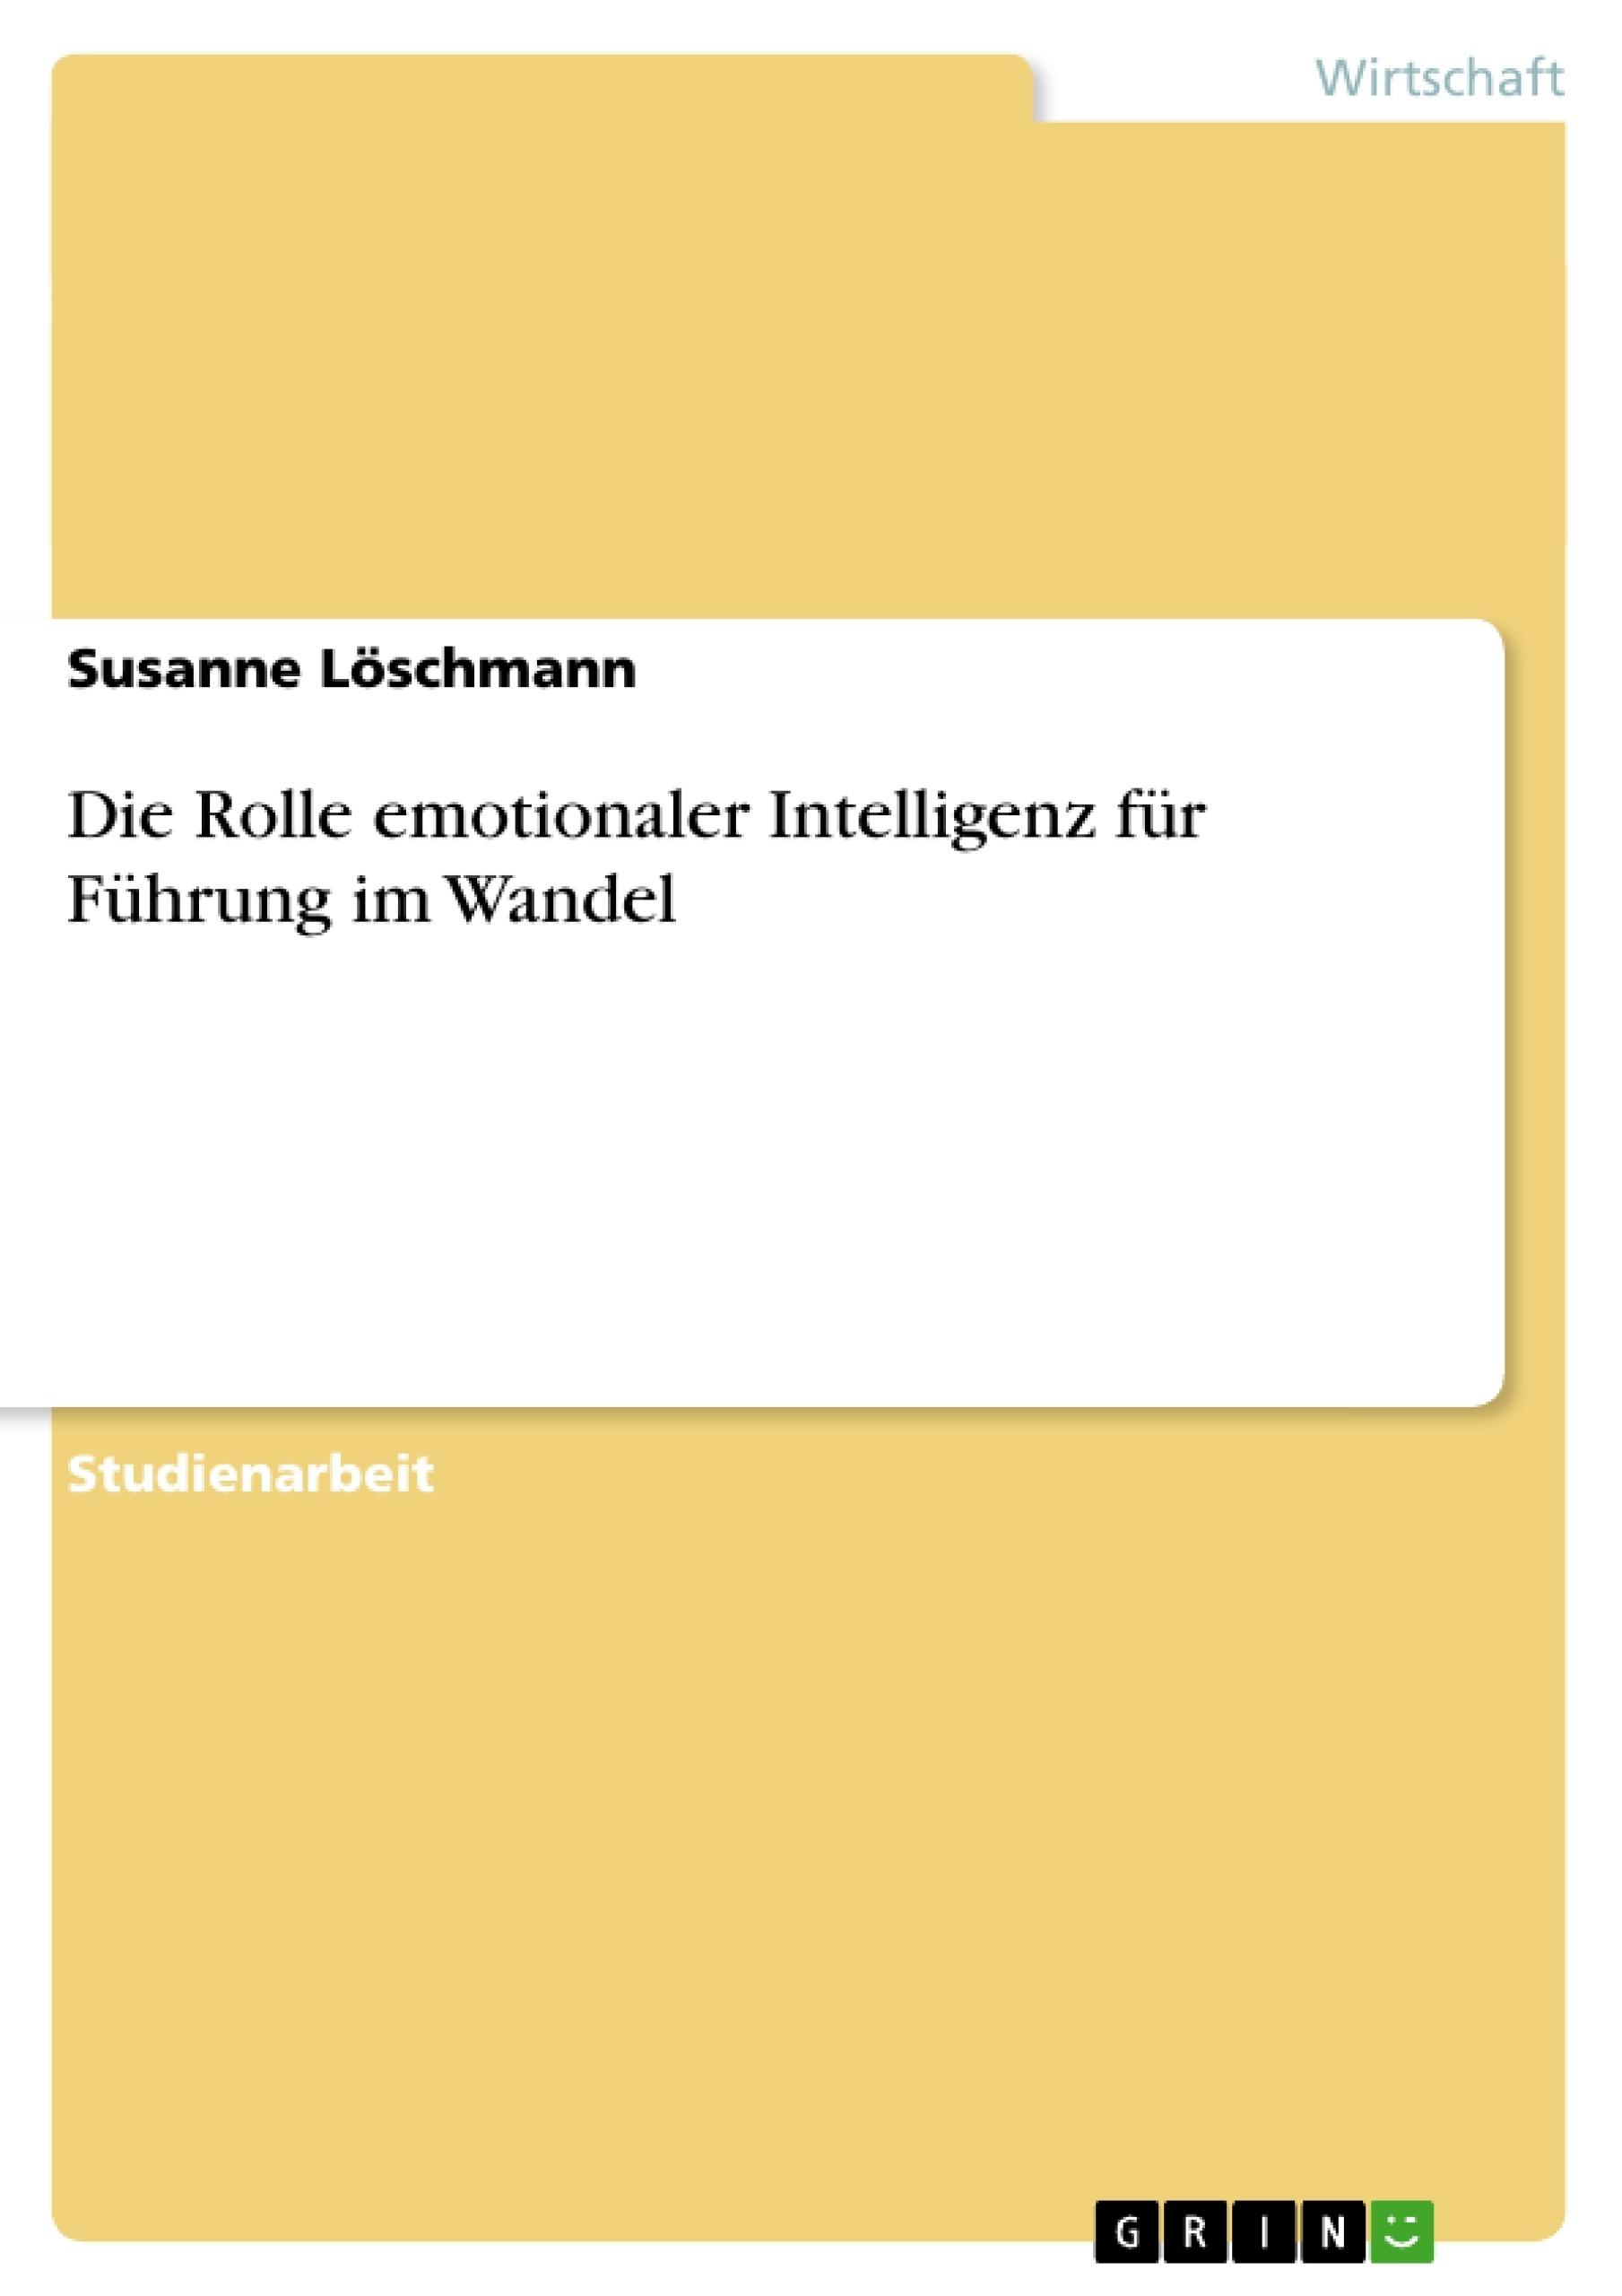 Titel: Die Rolle emotionaler Intelligenz für Führung im Wandel